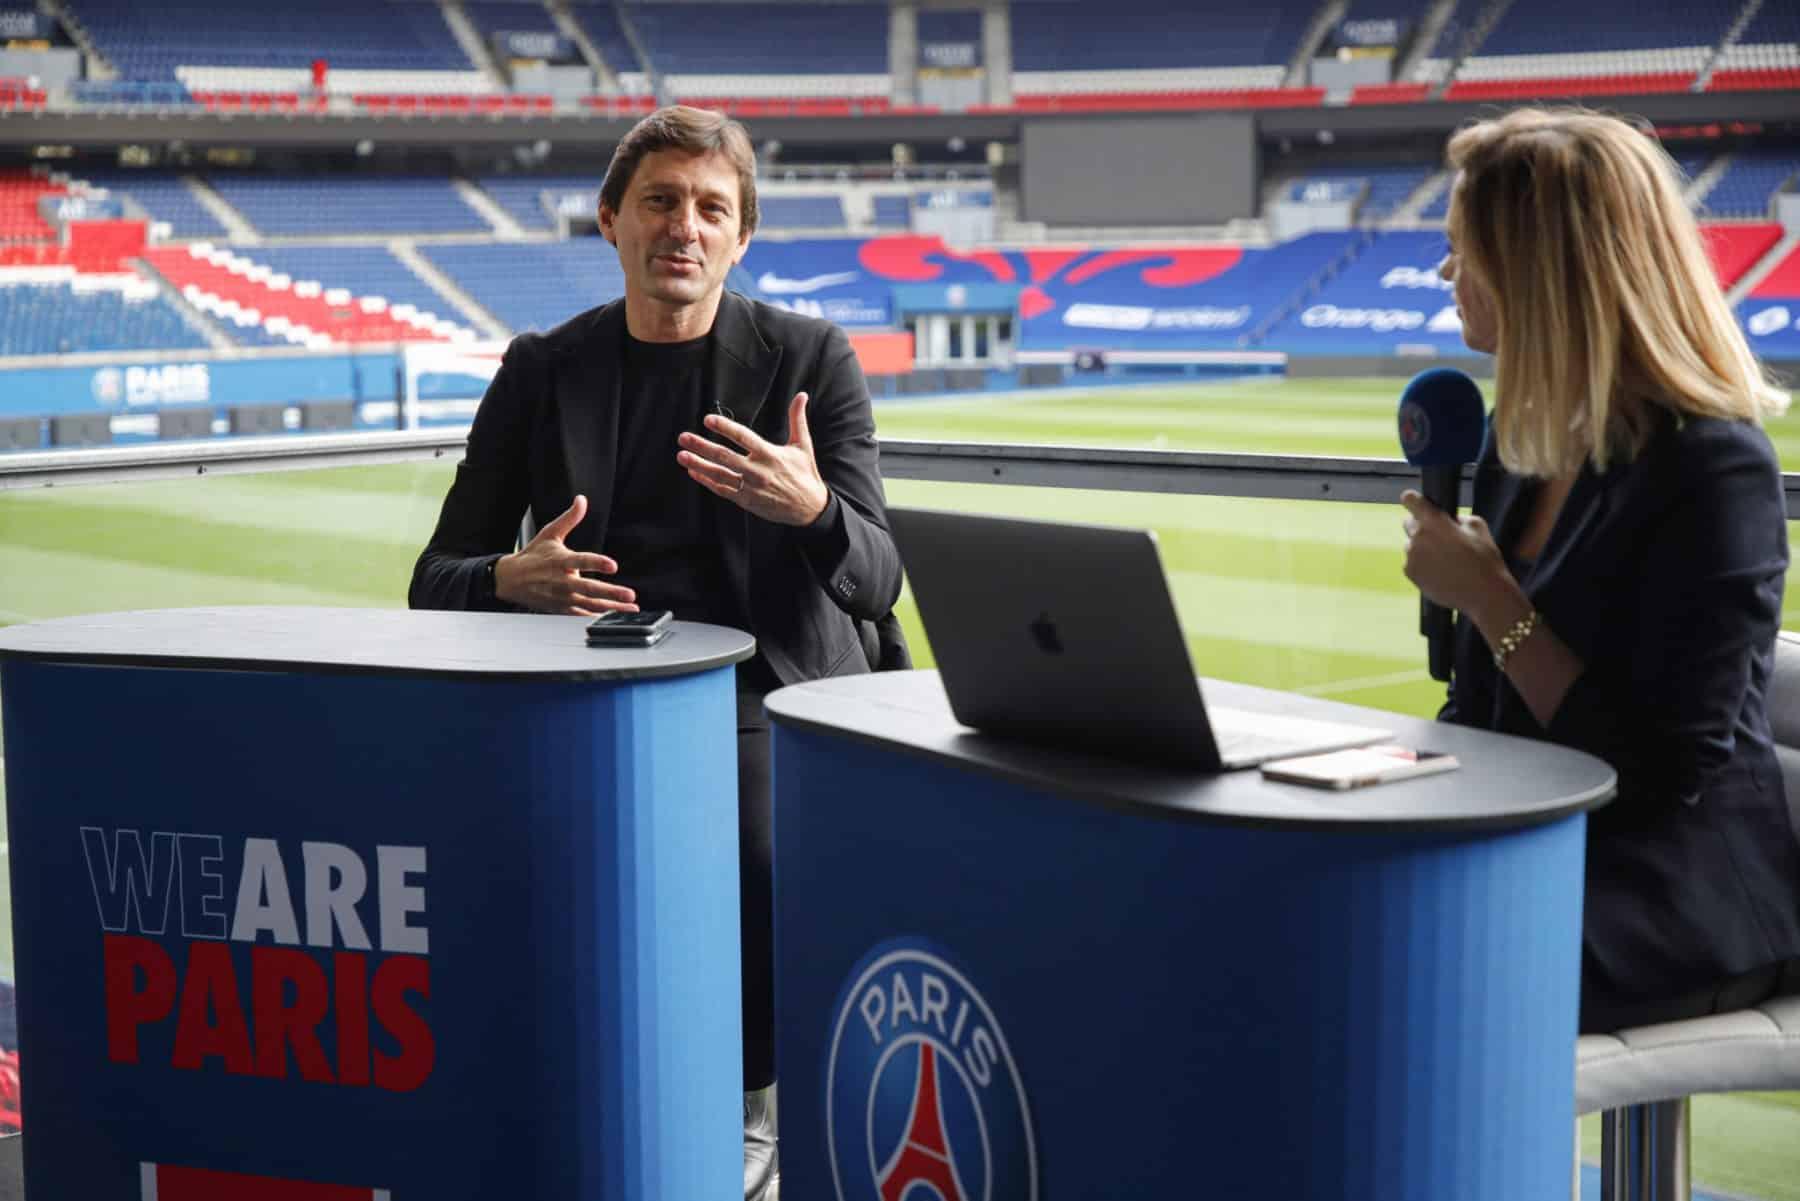 Giám đốc thể thao của PSG Leonardo tố Real Madrid tiếp cận trái phép Mbappe